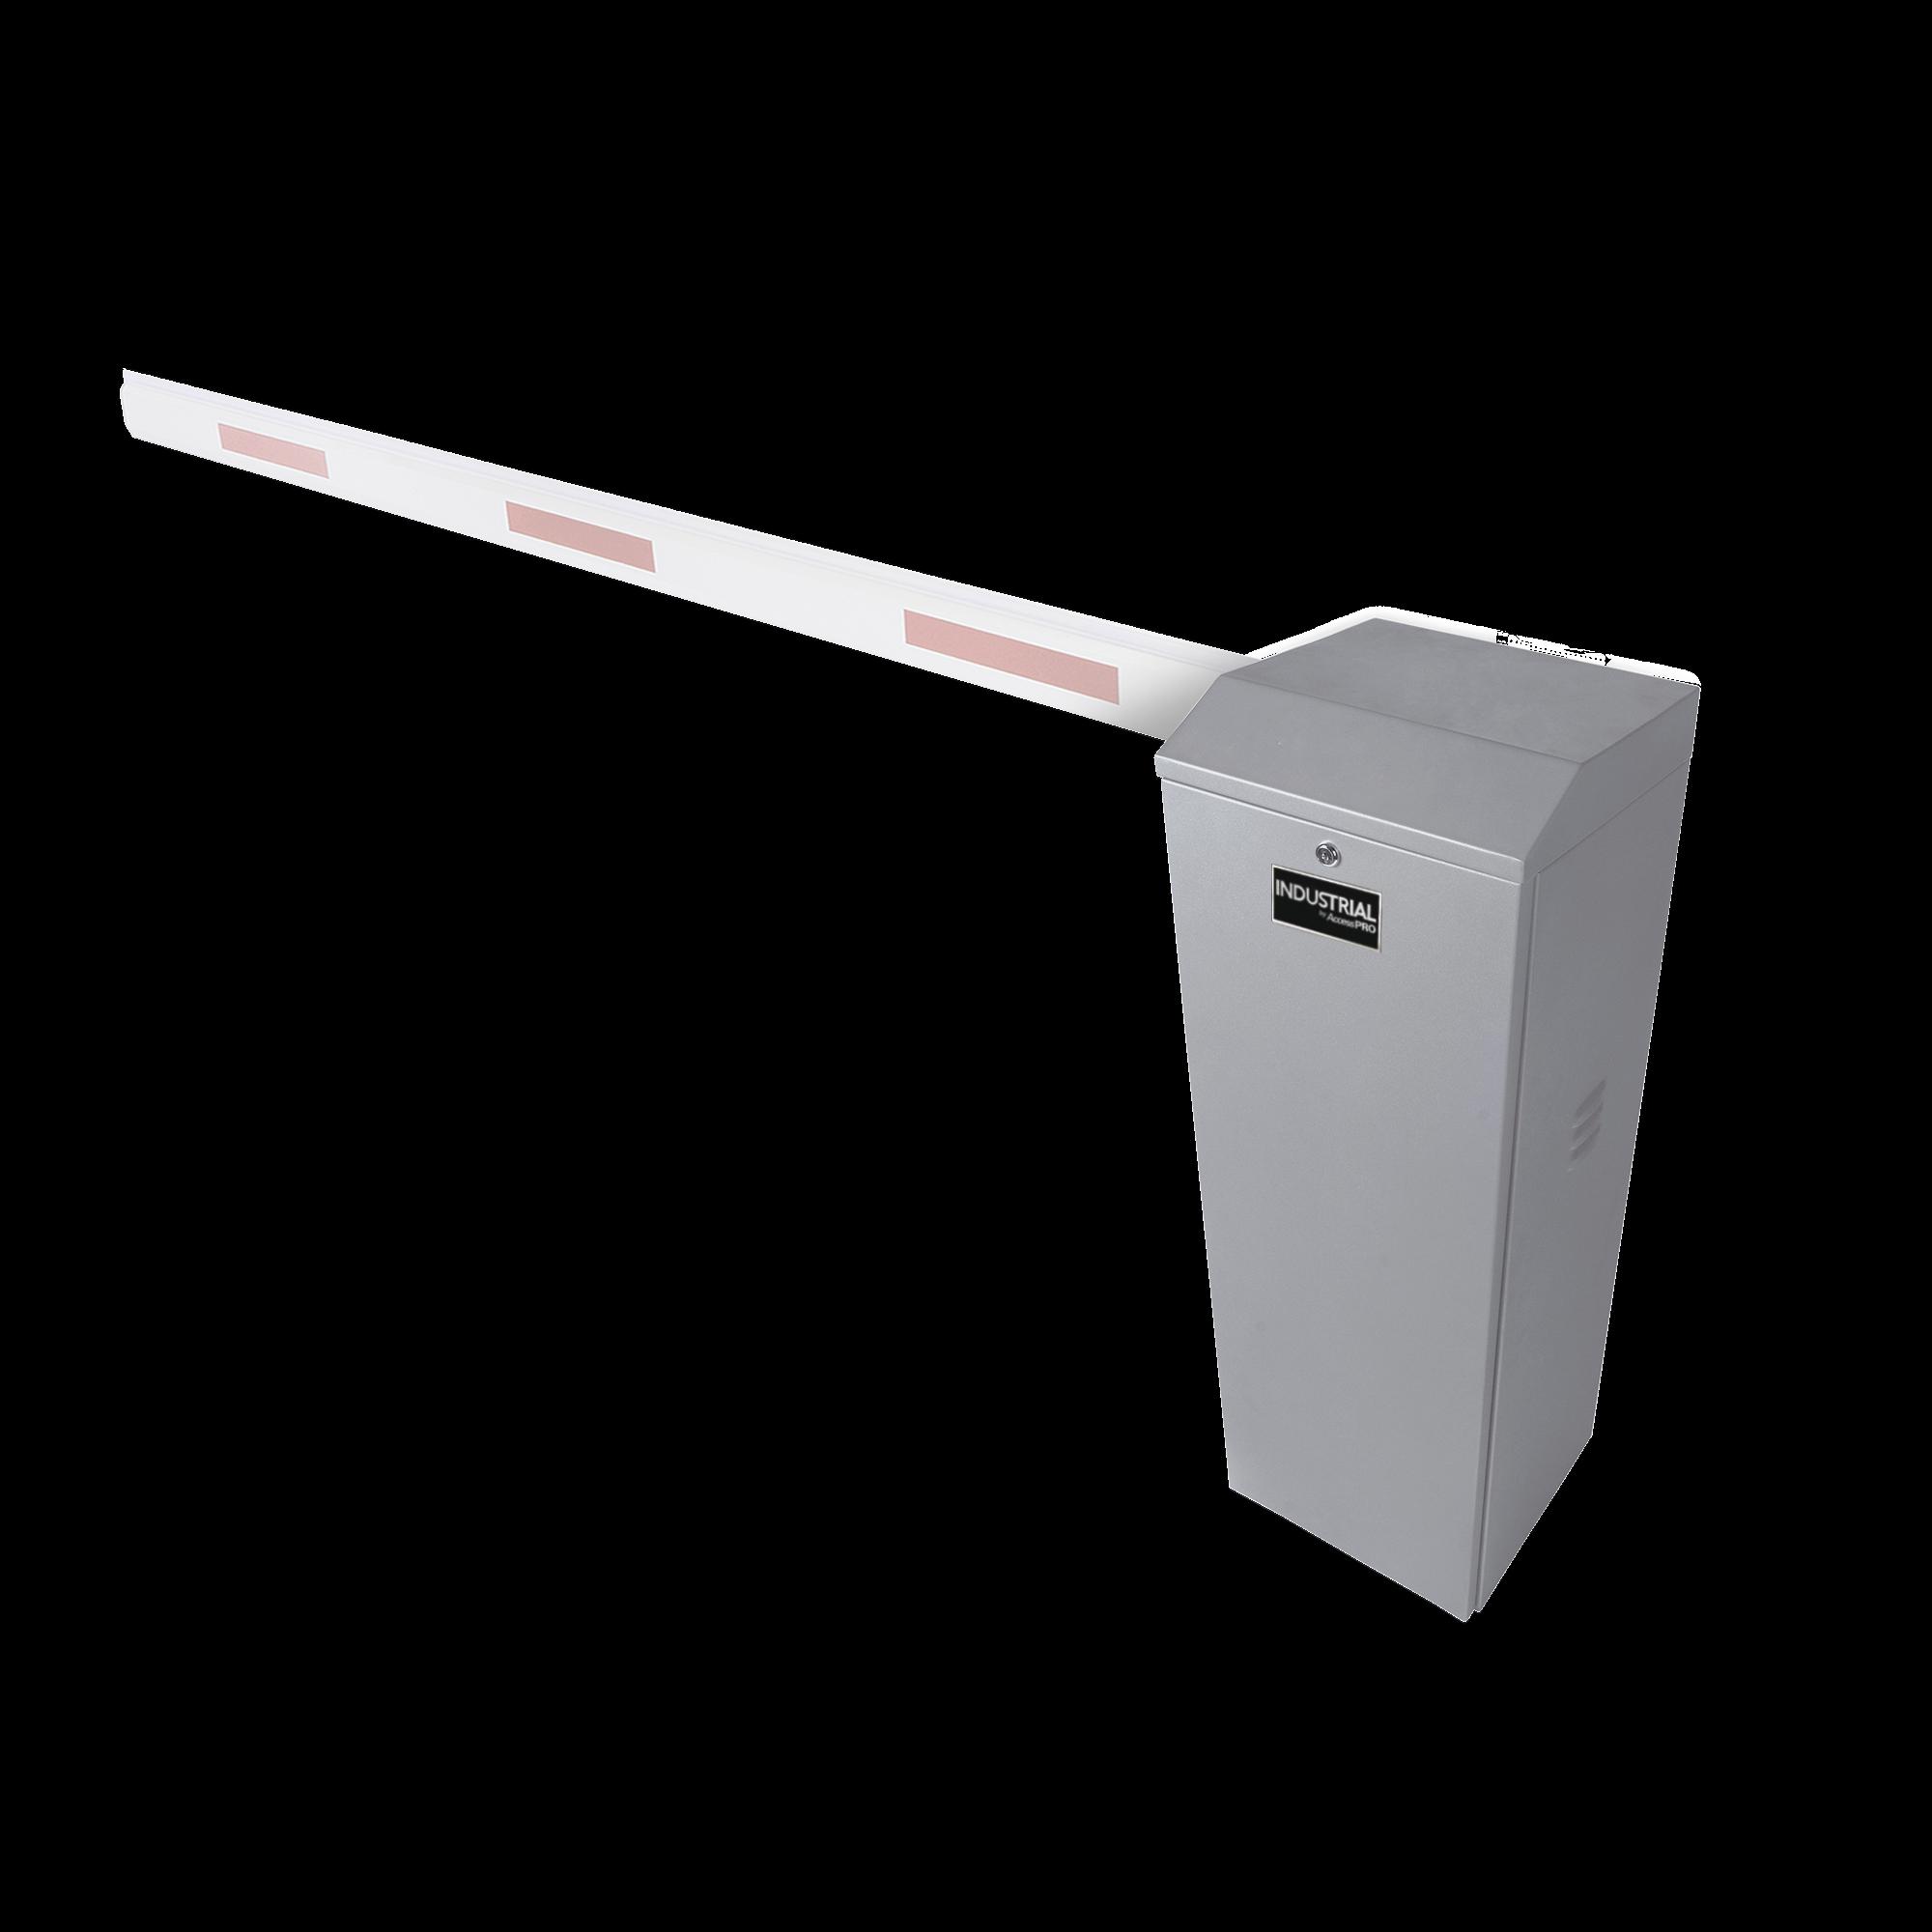 Barrera vehicular izquierda / Soporta brazo de hasta 5.5 m / Final de carrera ajustable por programacion / Movimiento fluido / Dise�o elegante color gris